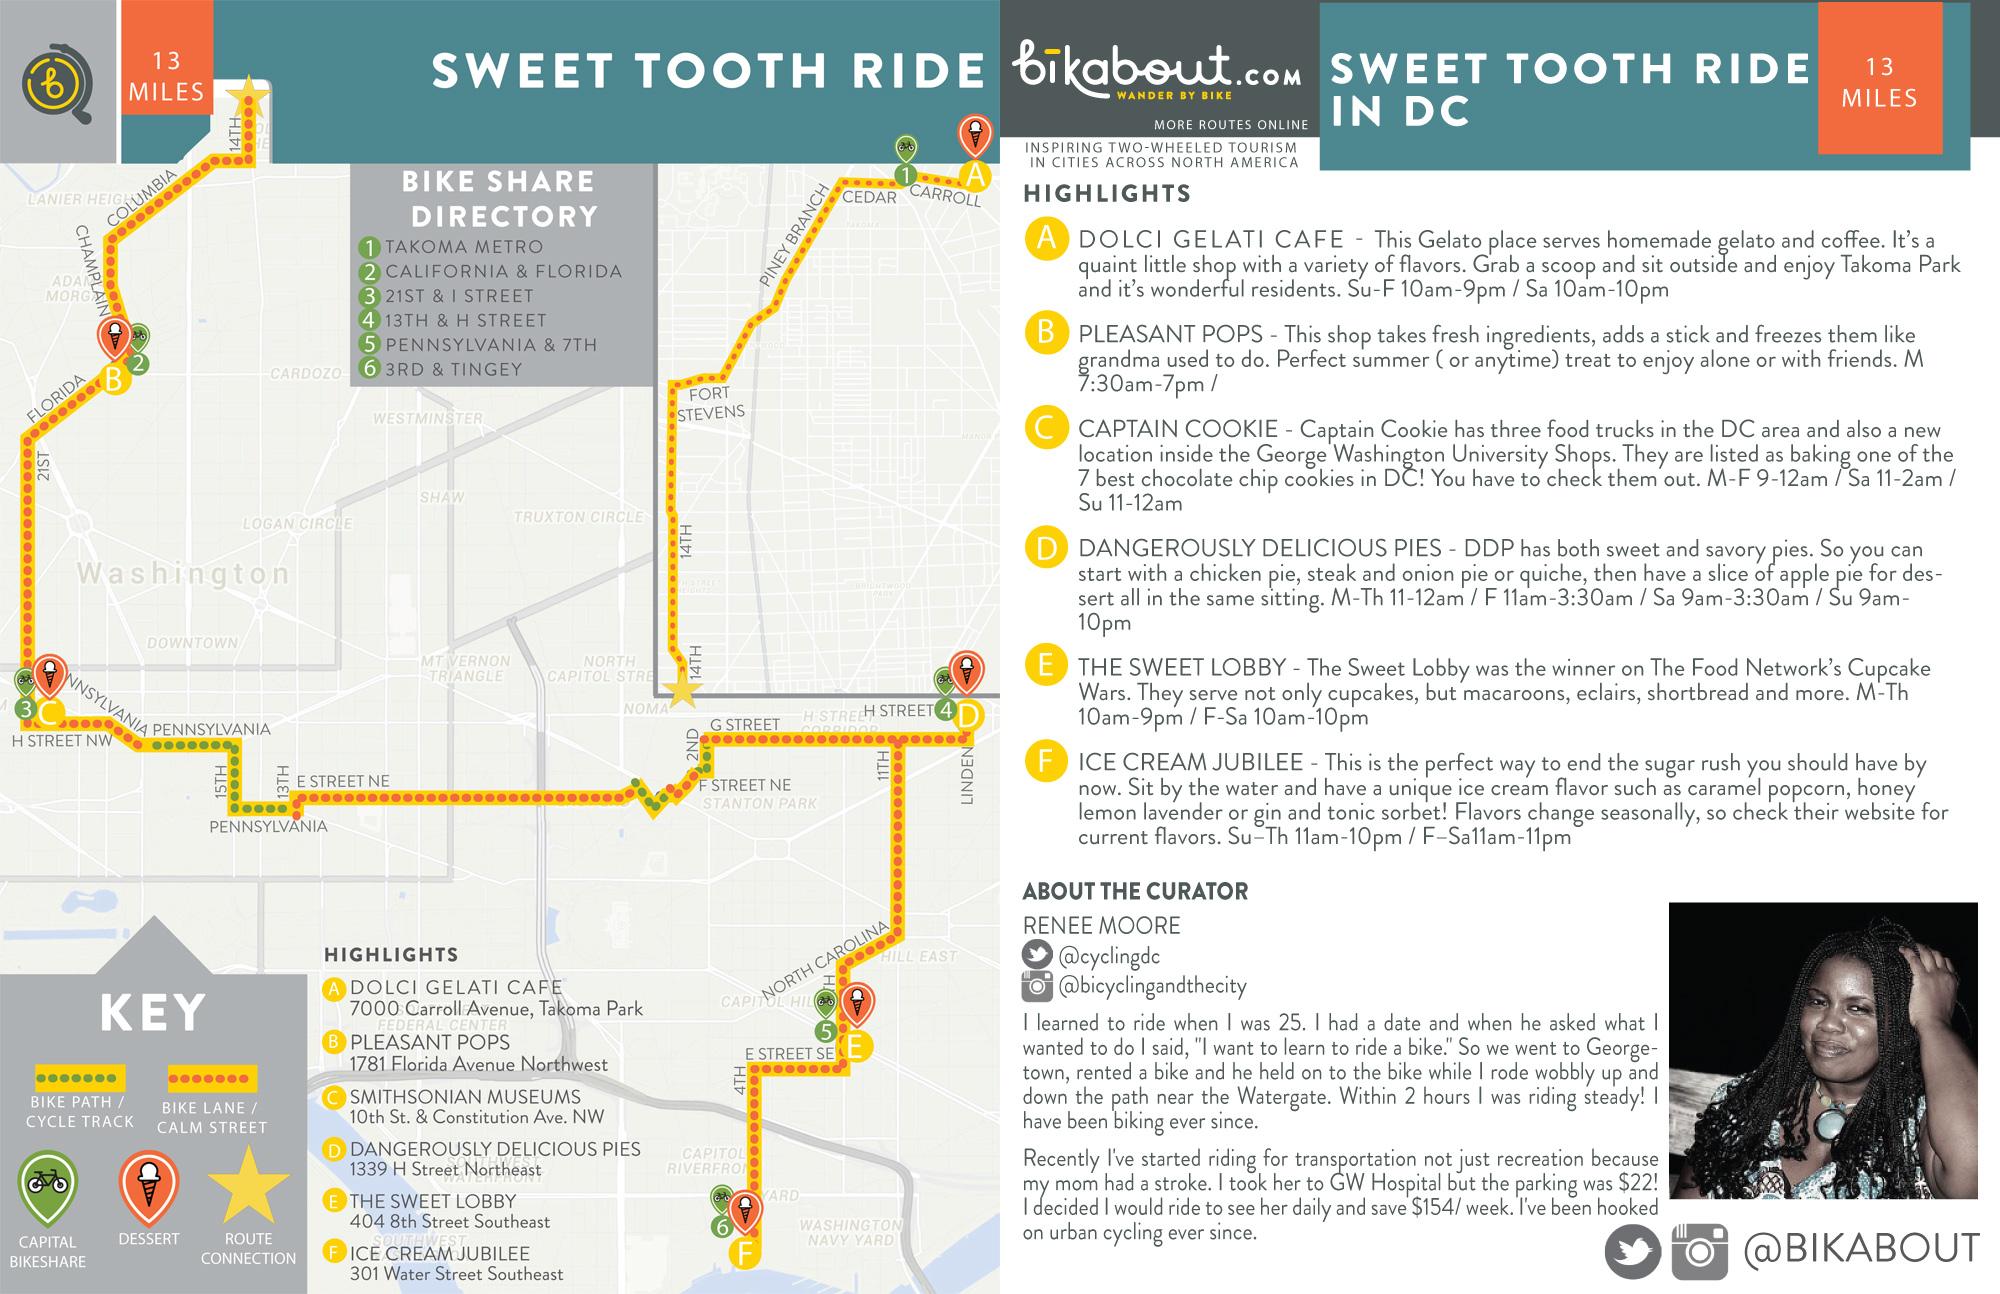 Sweet Tooth Ride  Bikabout - Washington dc bike lane map